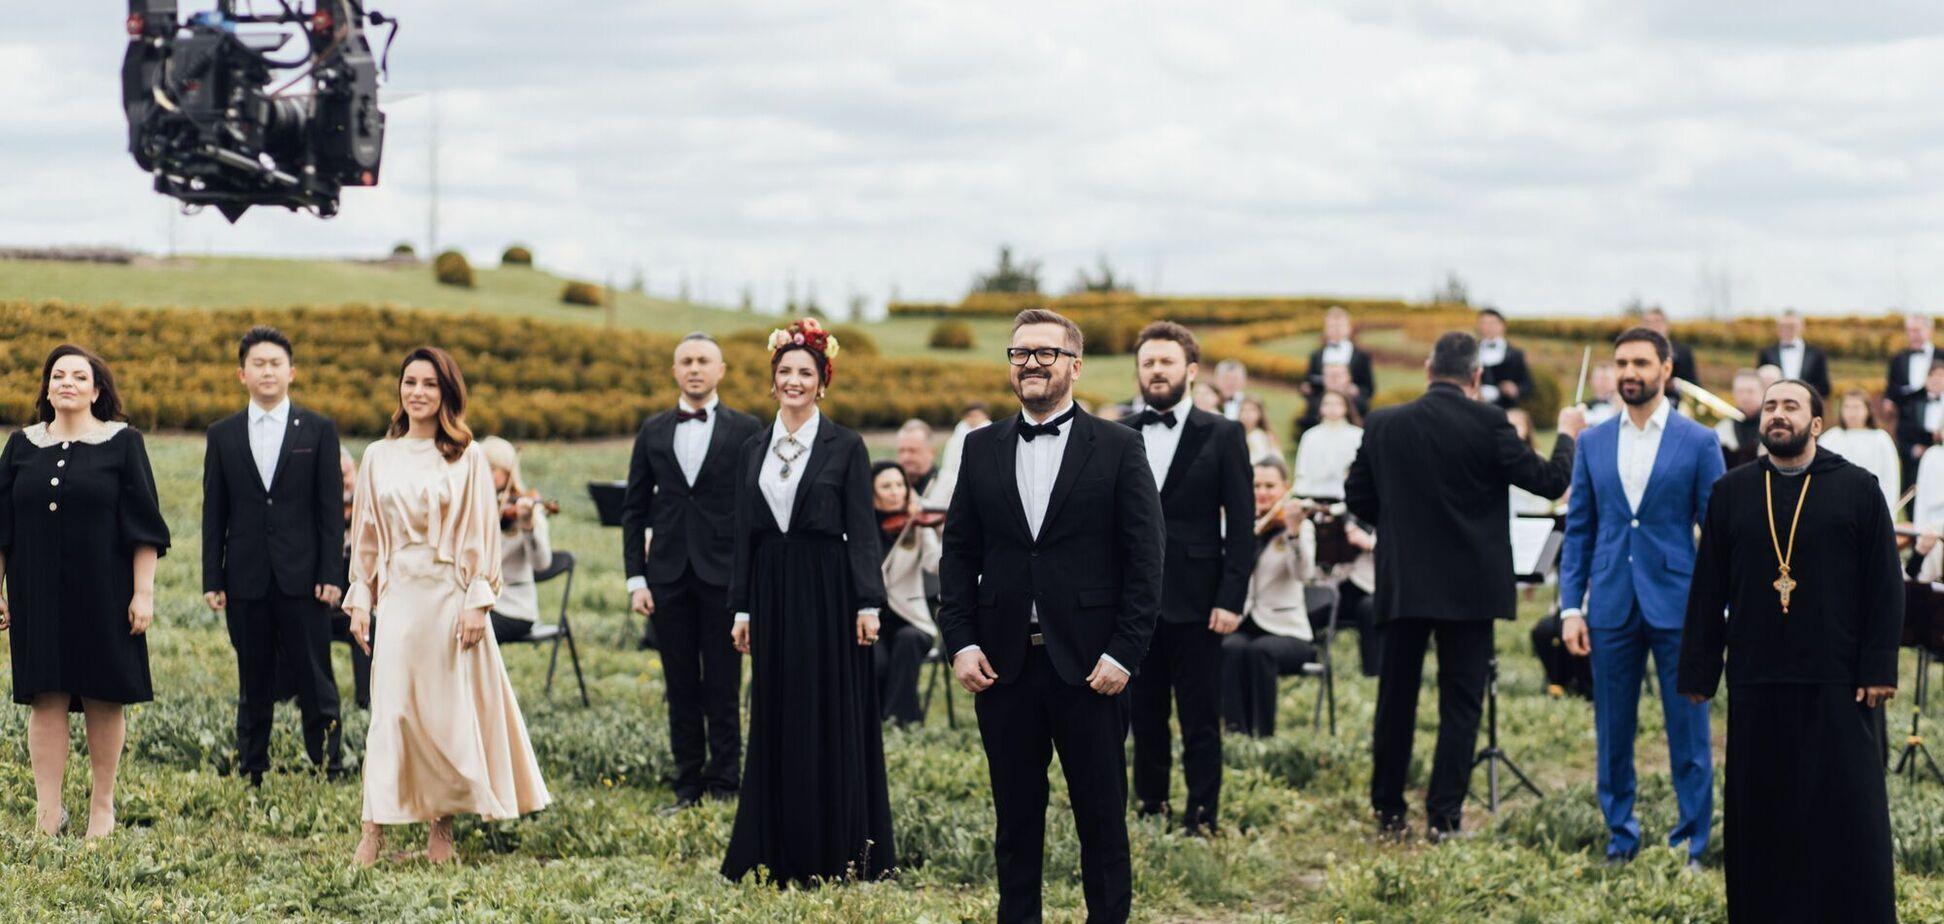 Проєкт Пономарьова 'Христос Воскрес!' увірвався в тренди в Росії. Відео